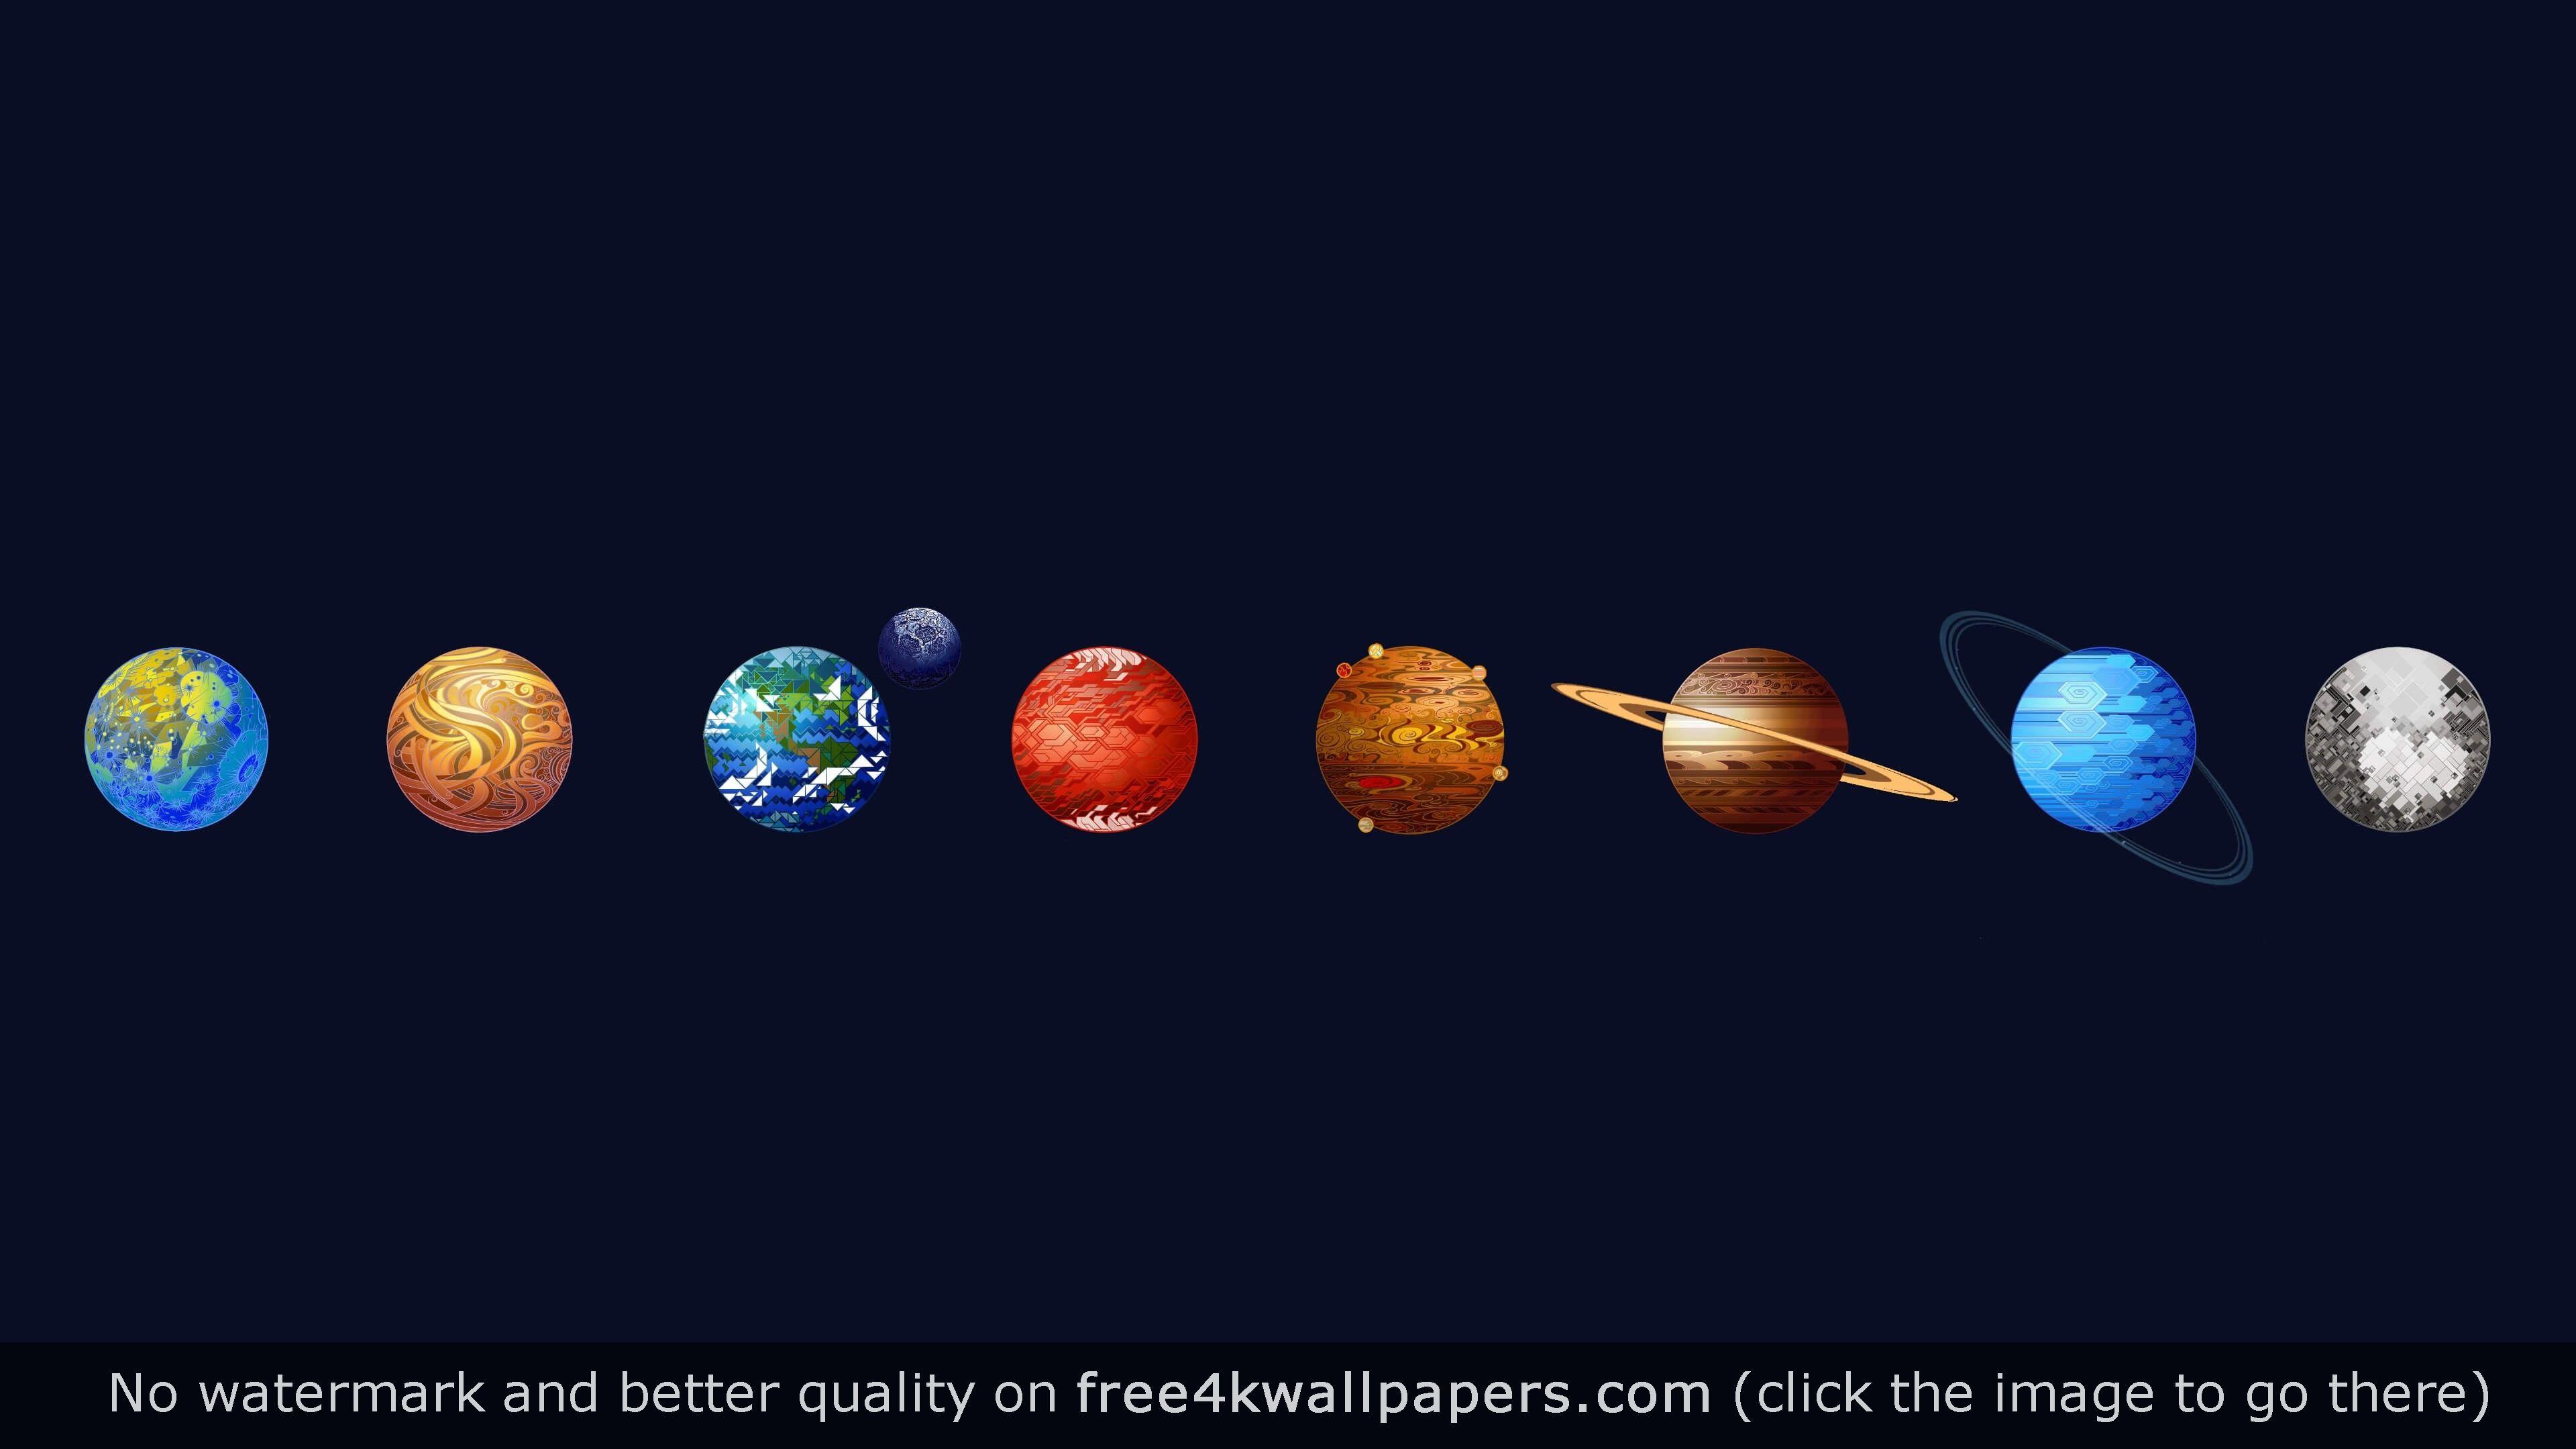 Фото всех планет космоса на одной картинке